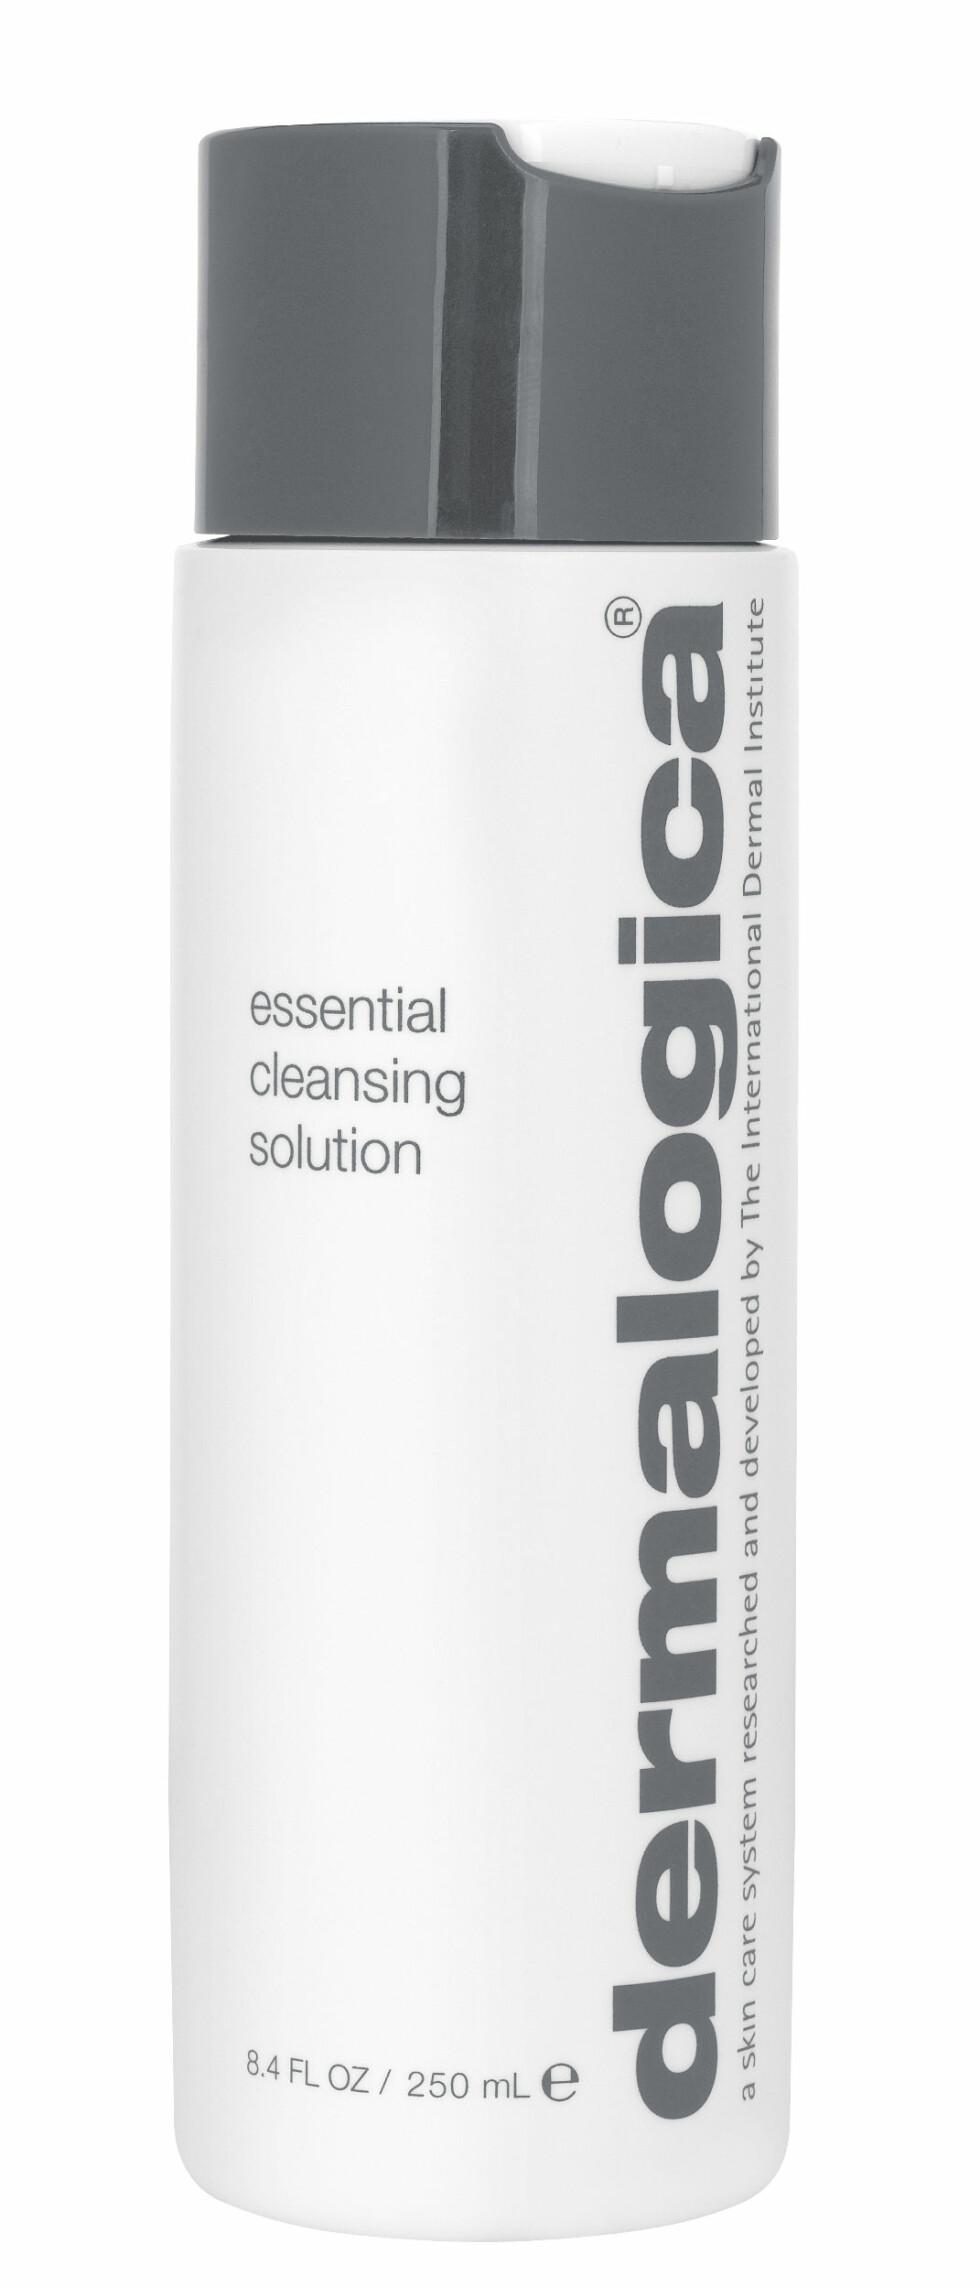 Essential Cleansing Solution er et rikt renseprodukt som mildt fjerner sminke, smuss og urenheter fra tørr, sensitiv hud, samtidig som den pleier i dybden og lindrer irritasjon, kr 350. Foto: Produsenten